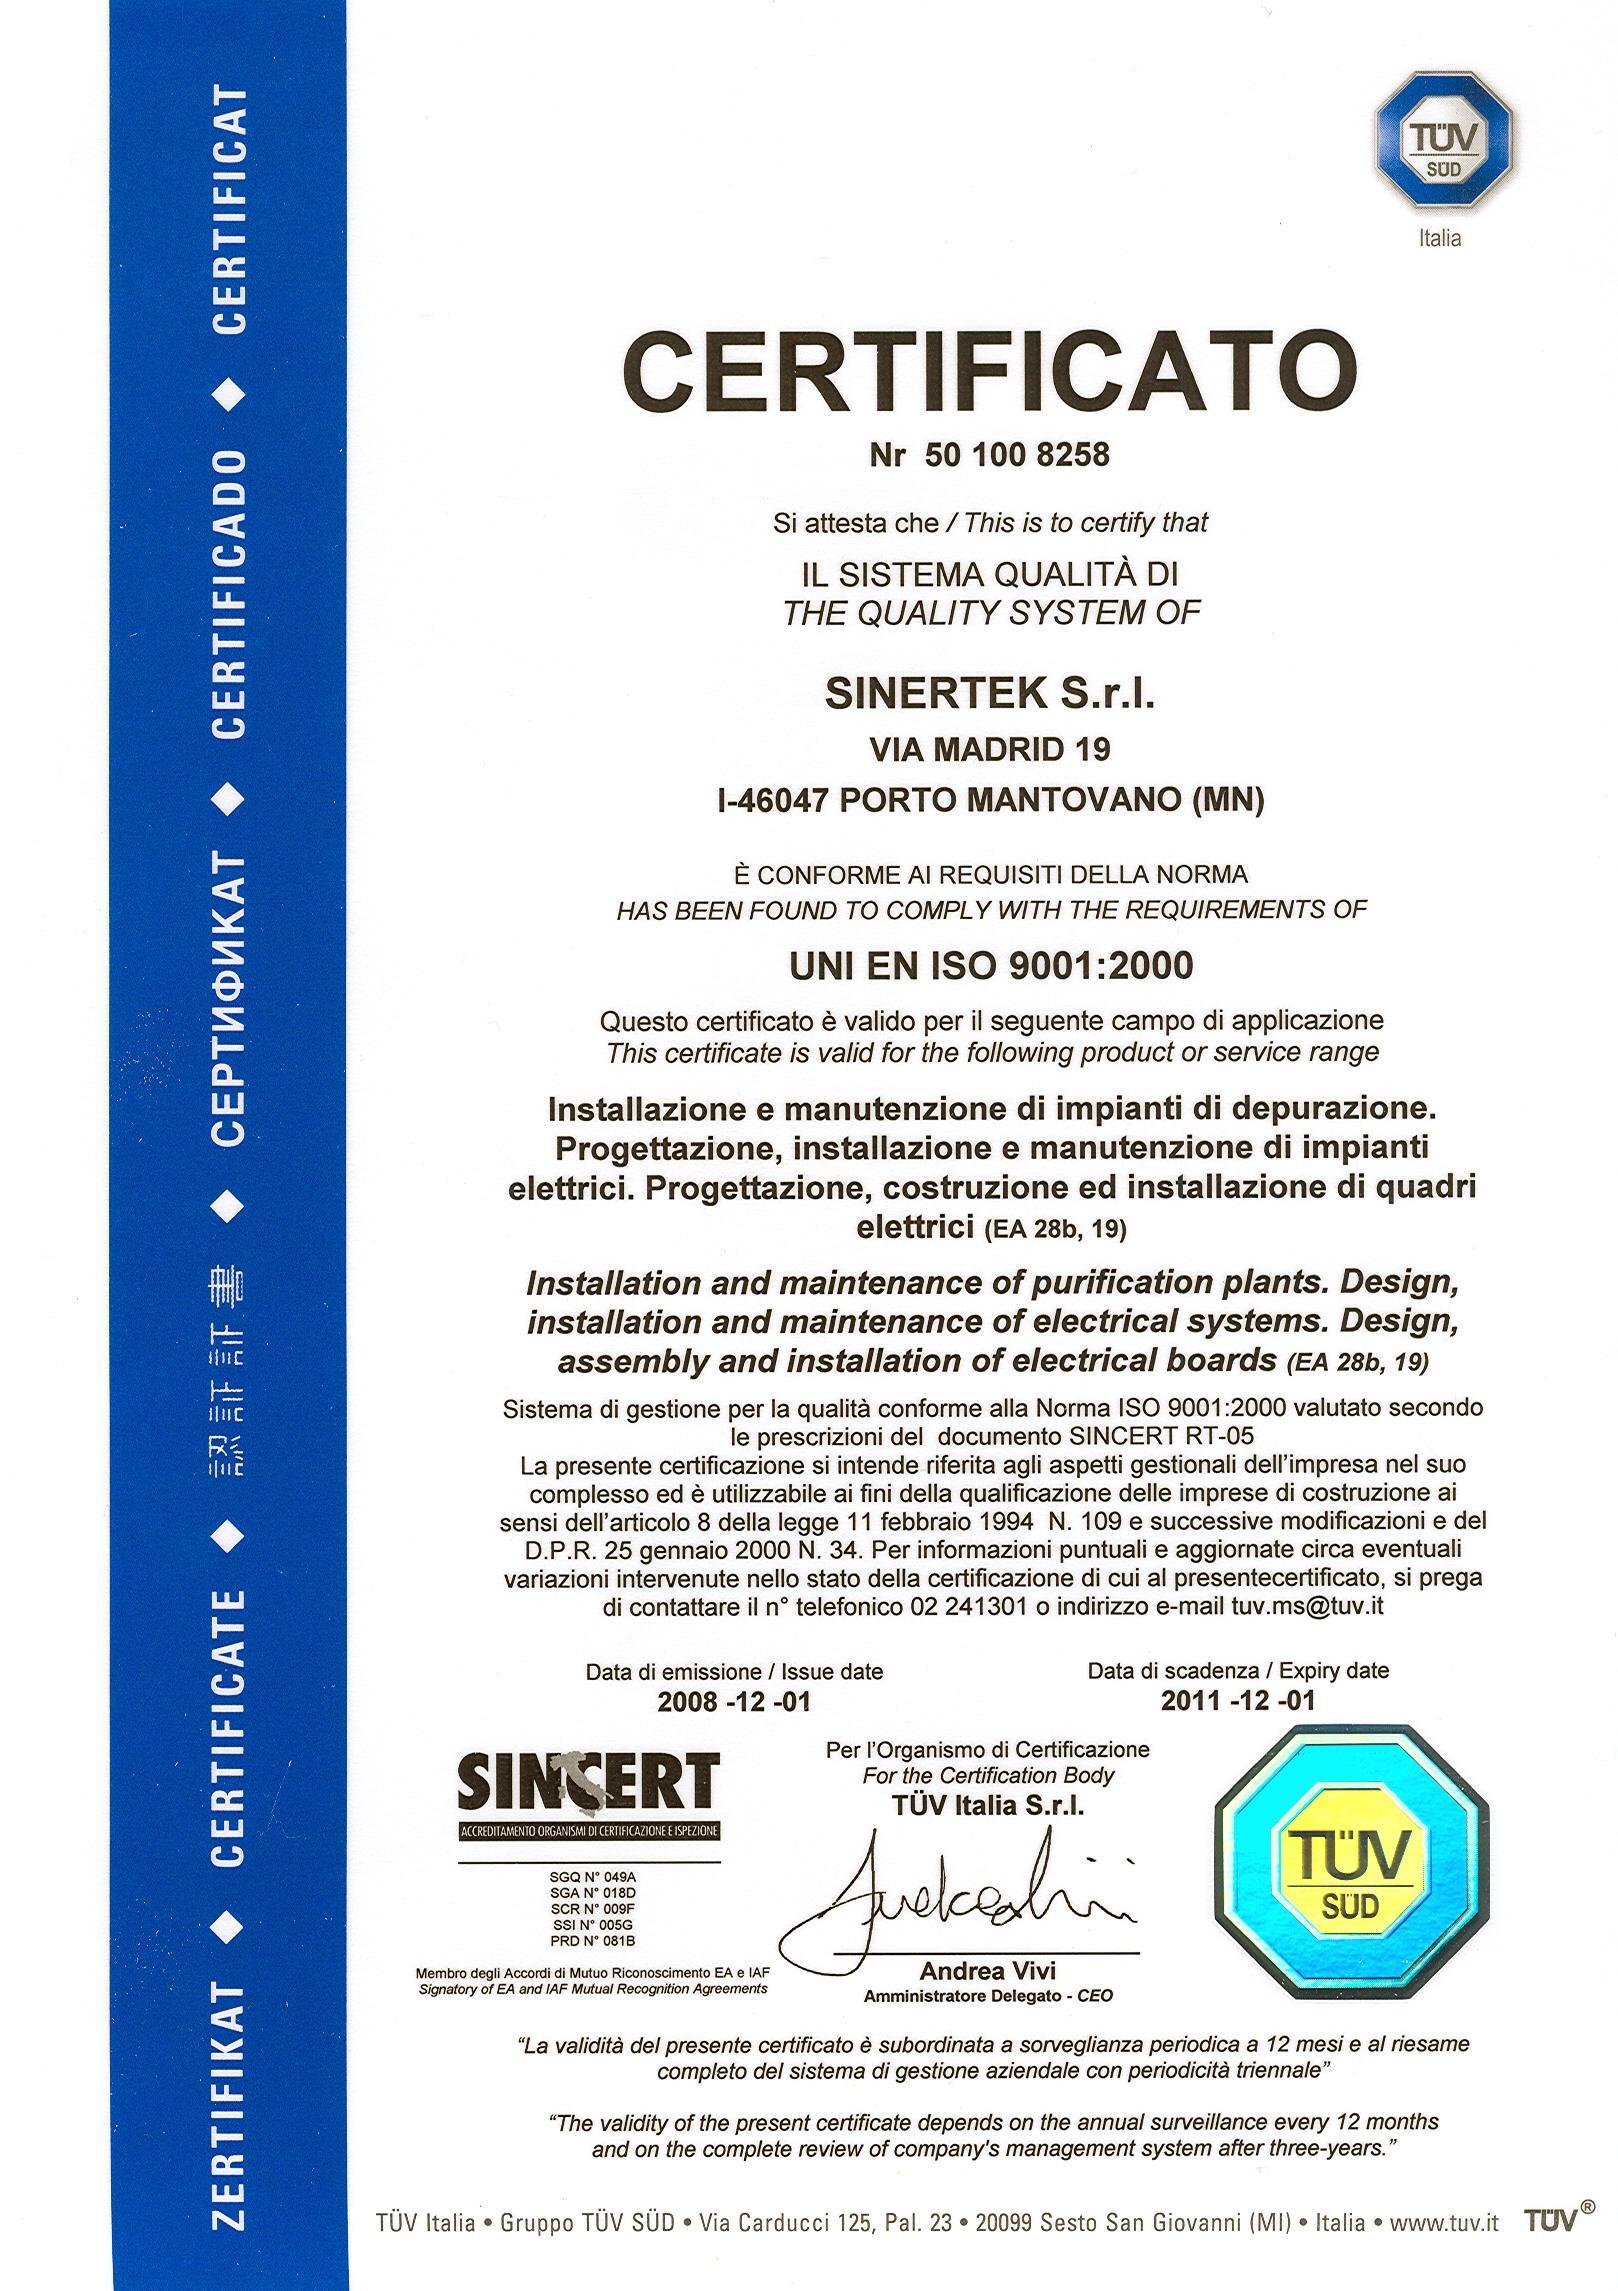 Mobili e arredamento certificazione impianto elettrico norma - Certificato impianto elettrico a norma ...